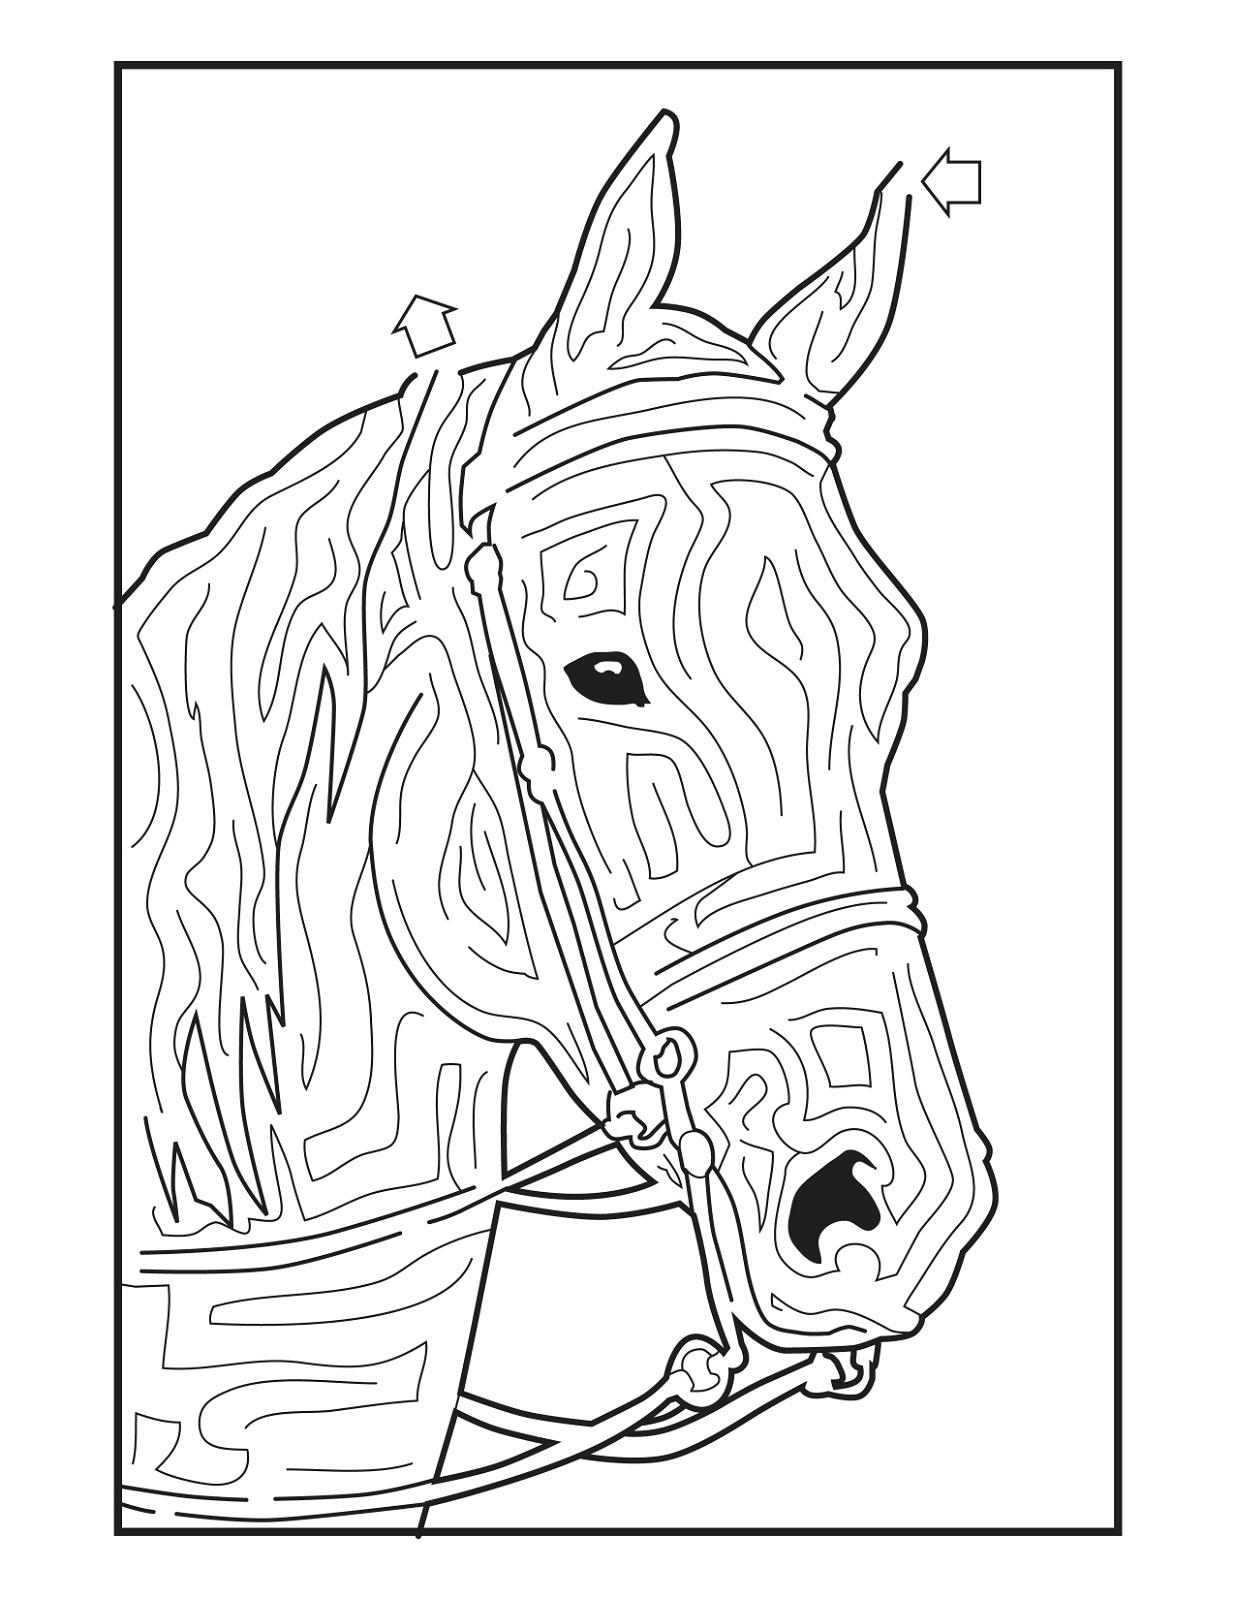 horse-activities-for-kids-maze